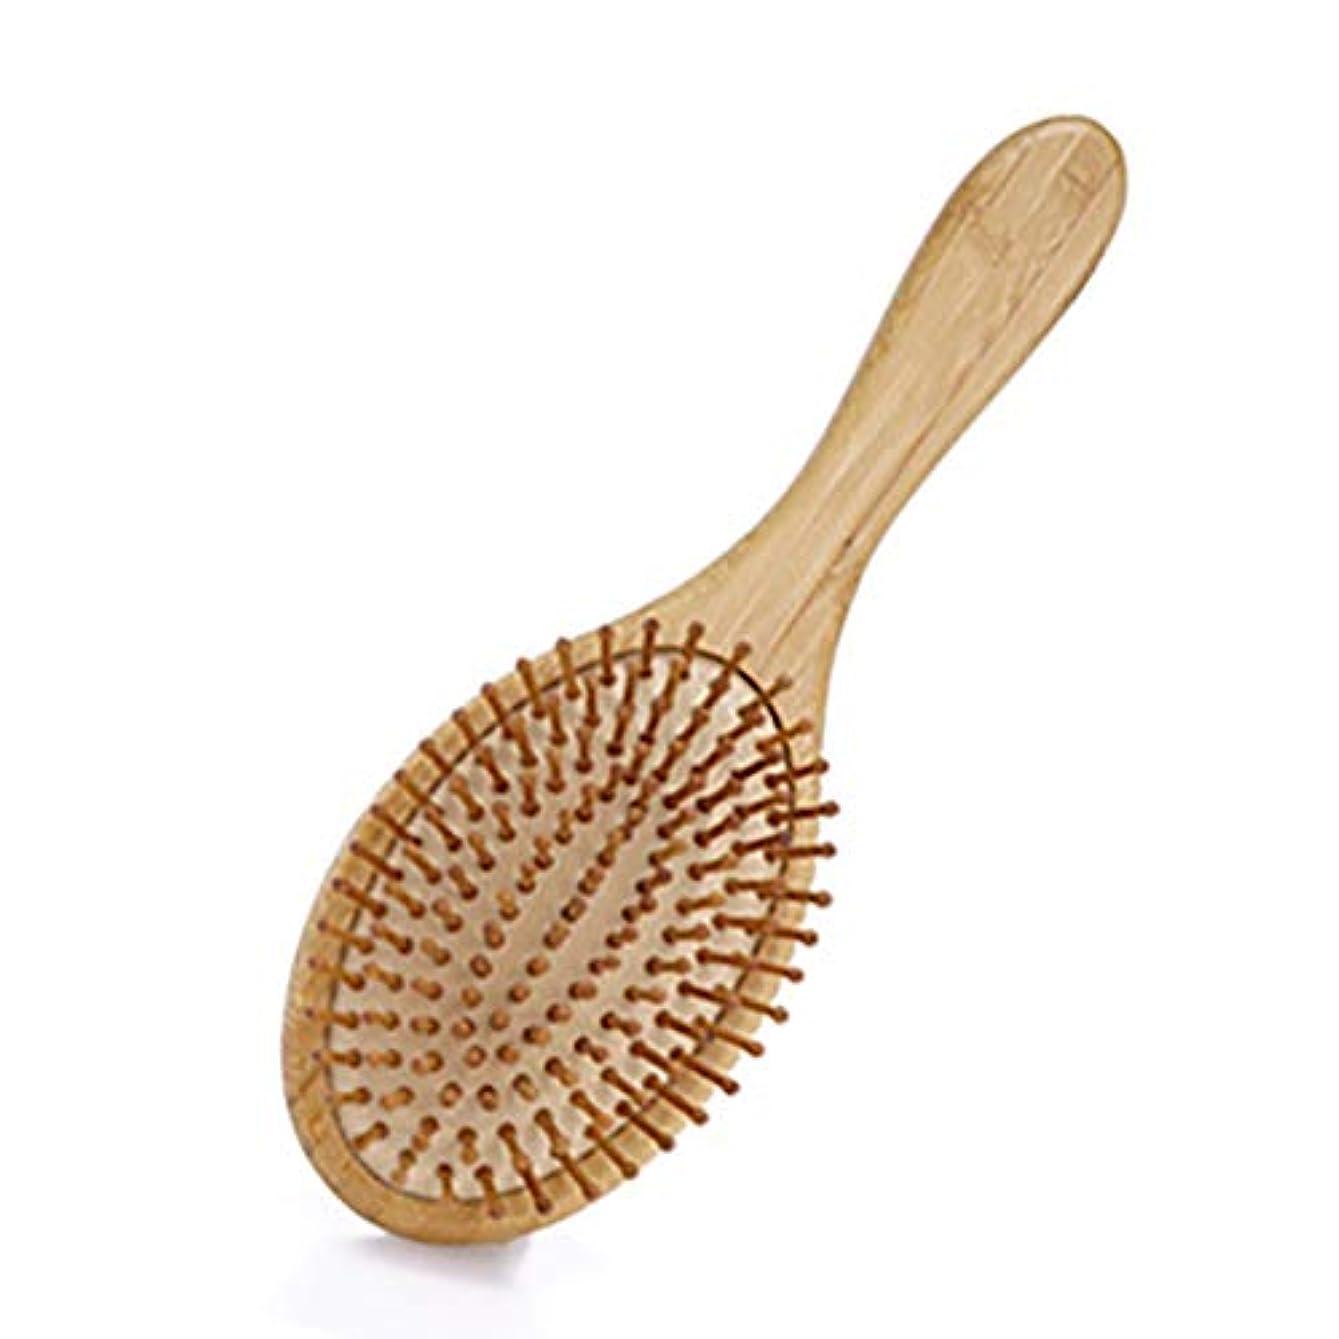 信号従者ジレンマMyths ヘアブラシ 竹製櫛 ヘアケア 頭皮マッサージ 静電気防止 パドルブラシ 美髪ケア 頭皮に優しい メンズ レディースに適用